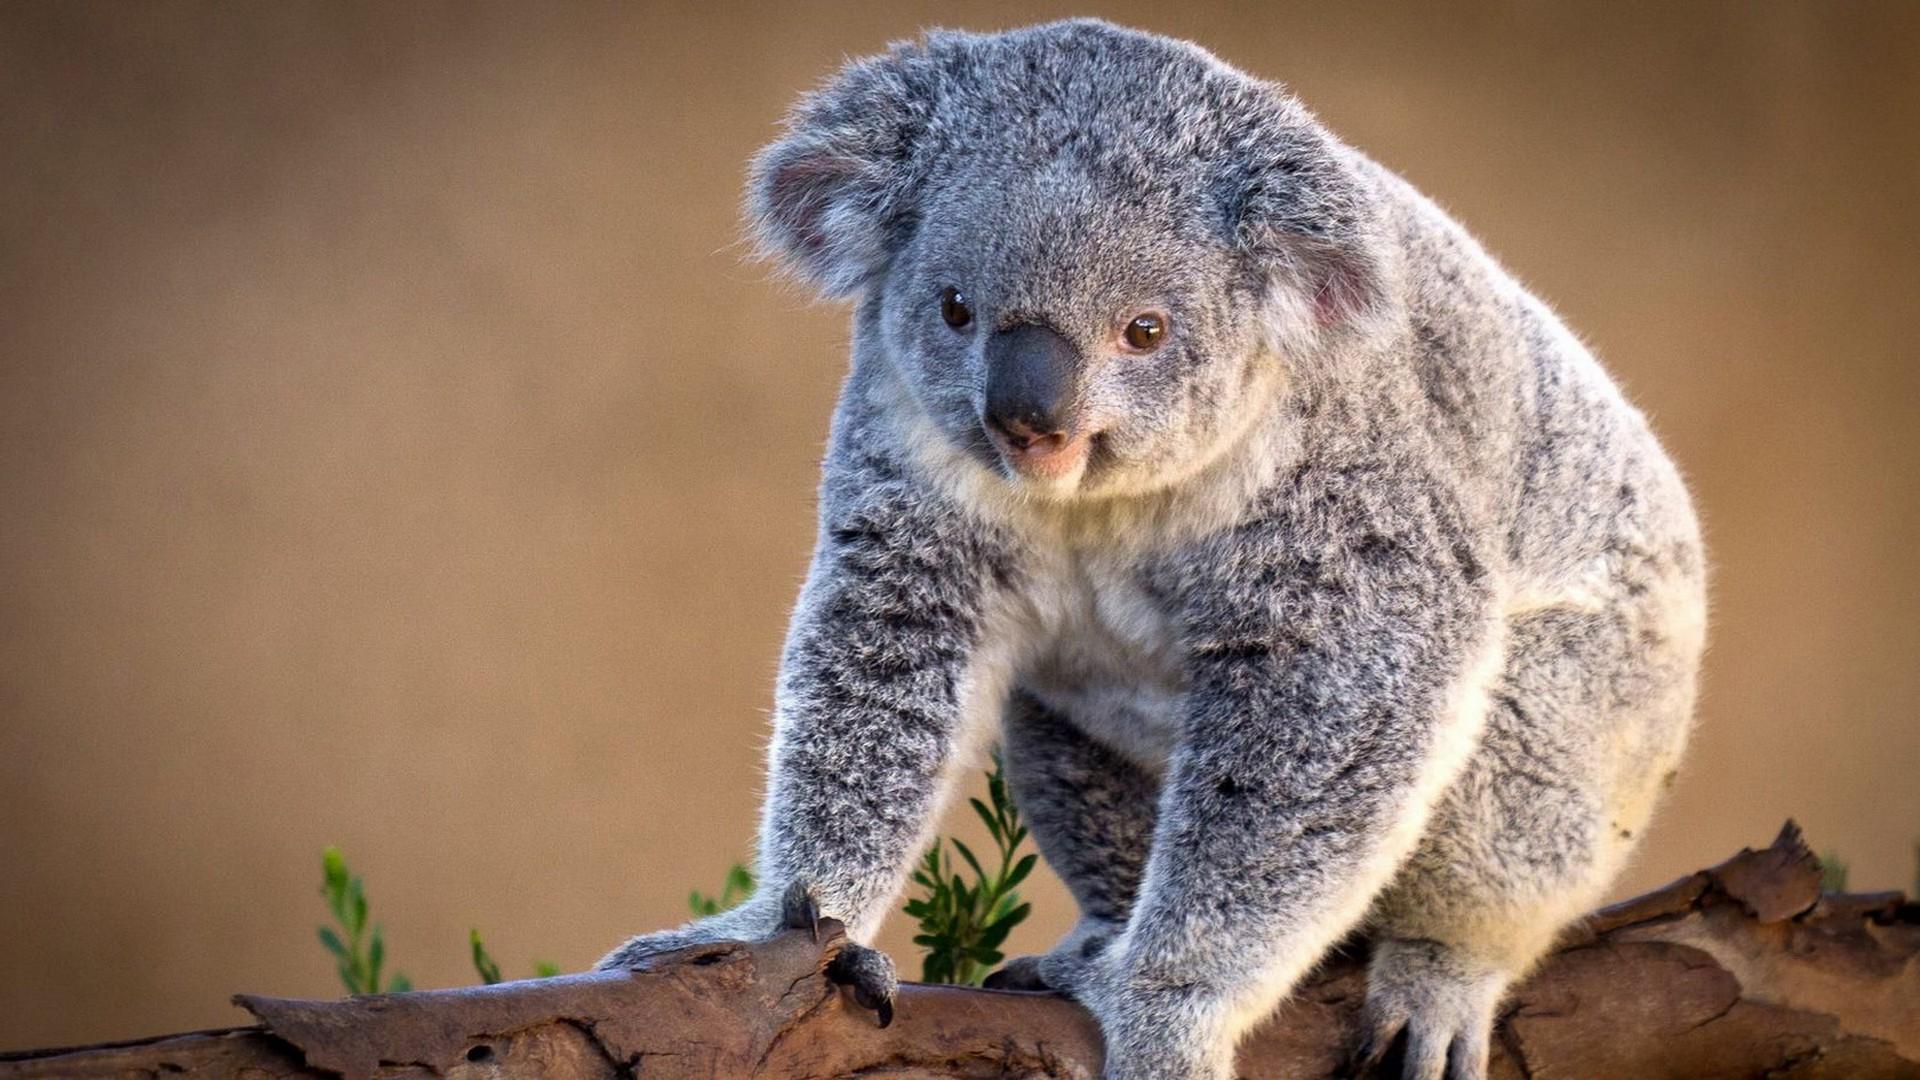 Koala Hd Wallpaper Hintergrund 1920x1080 Id268412 Wallpaper